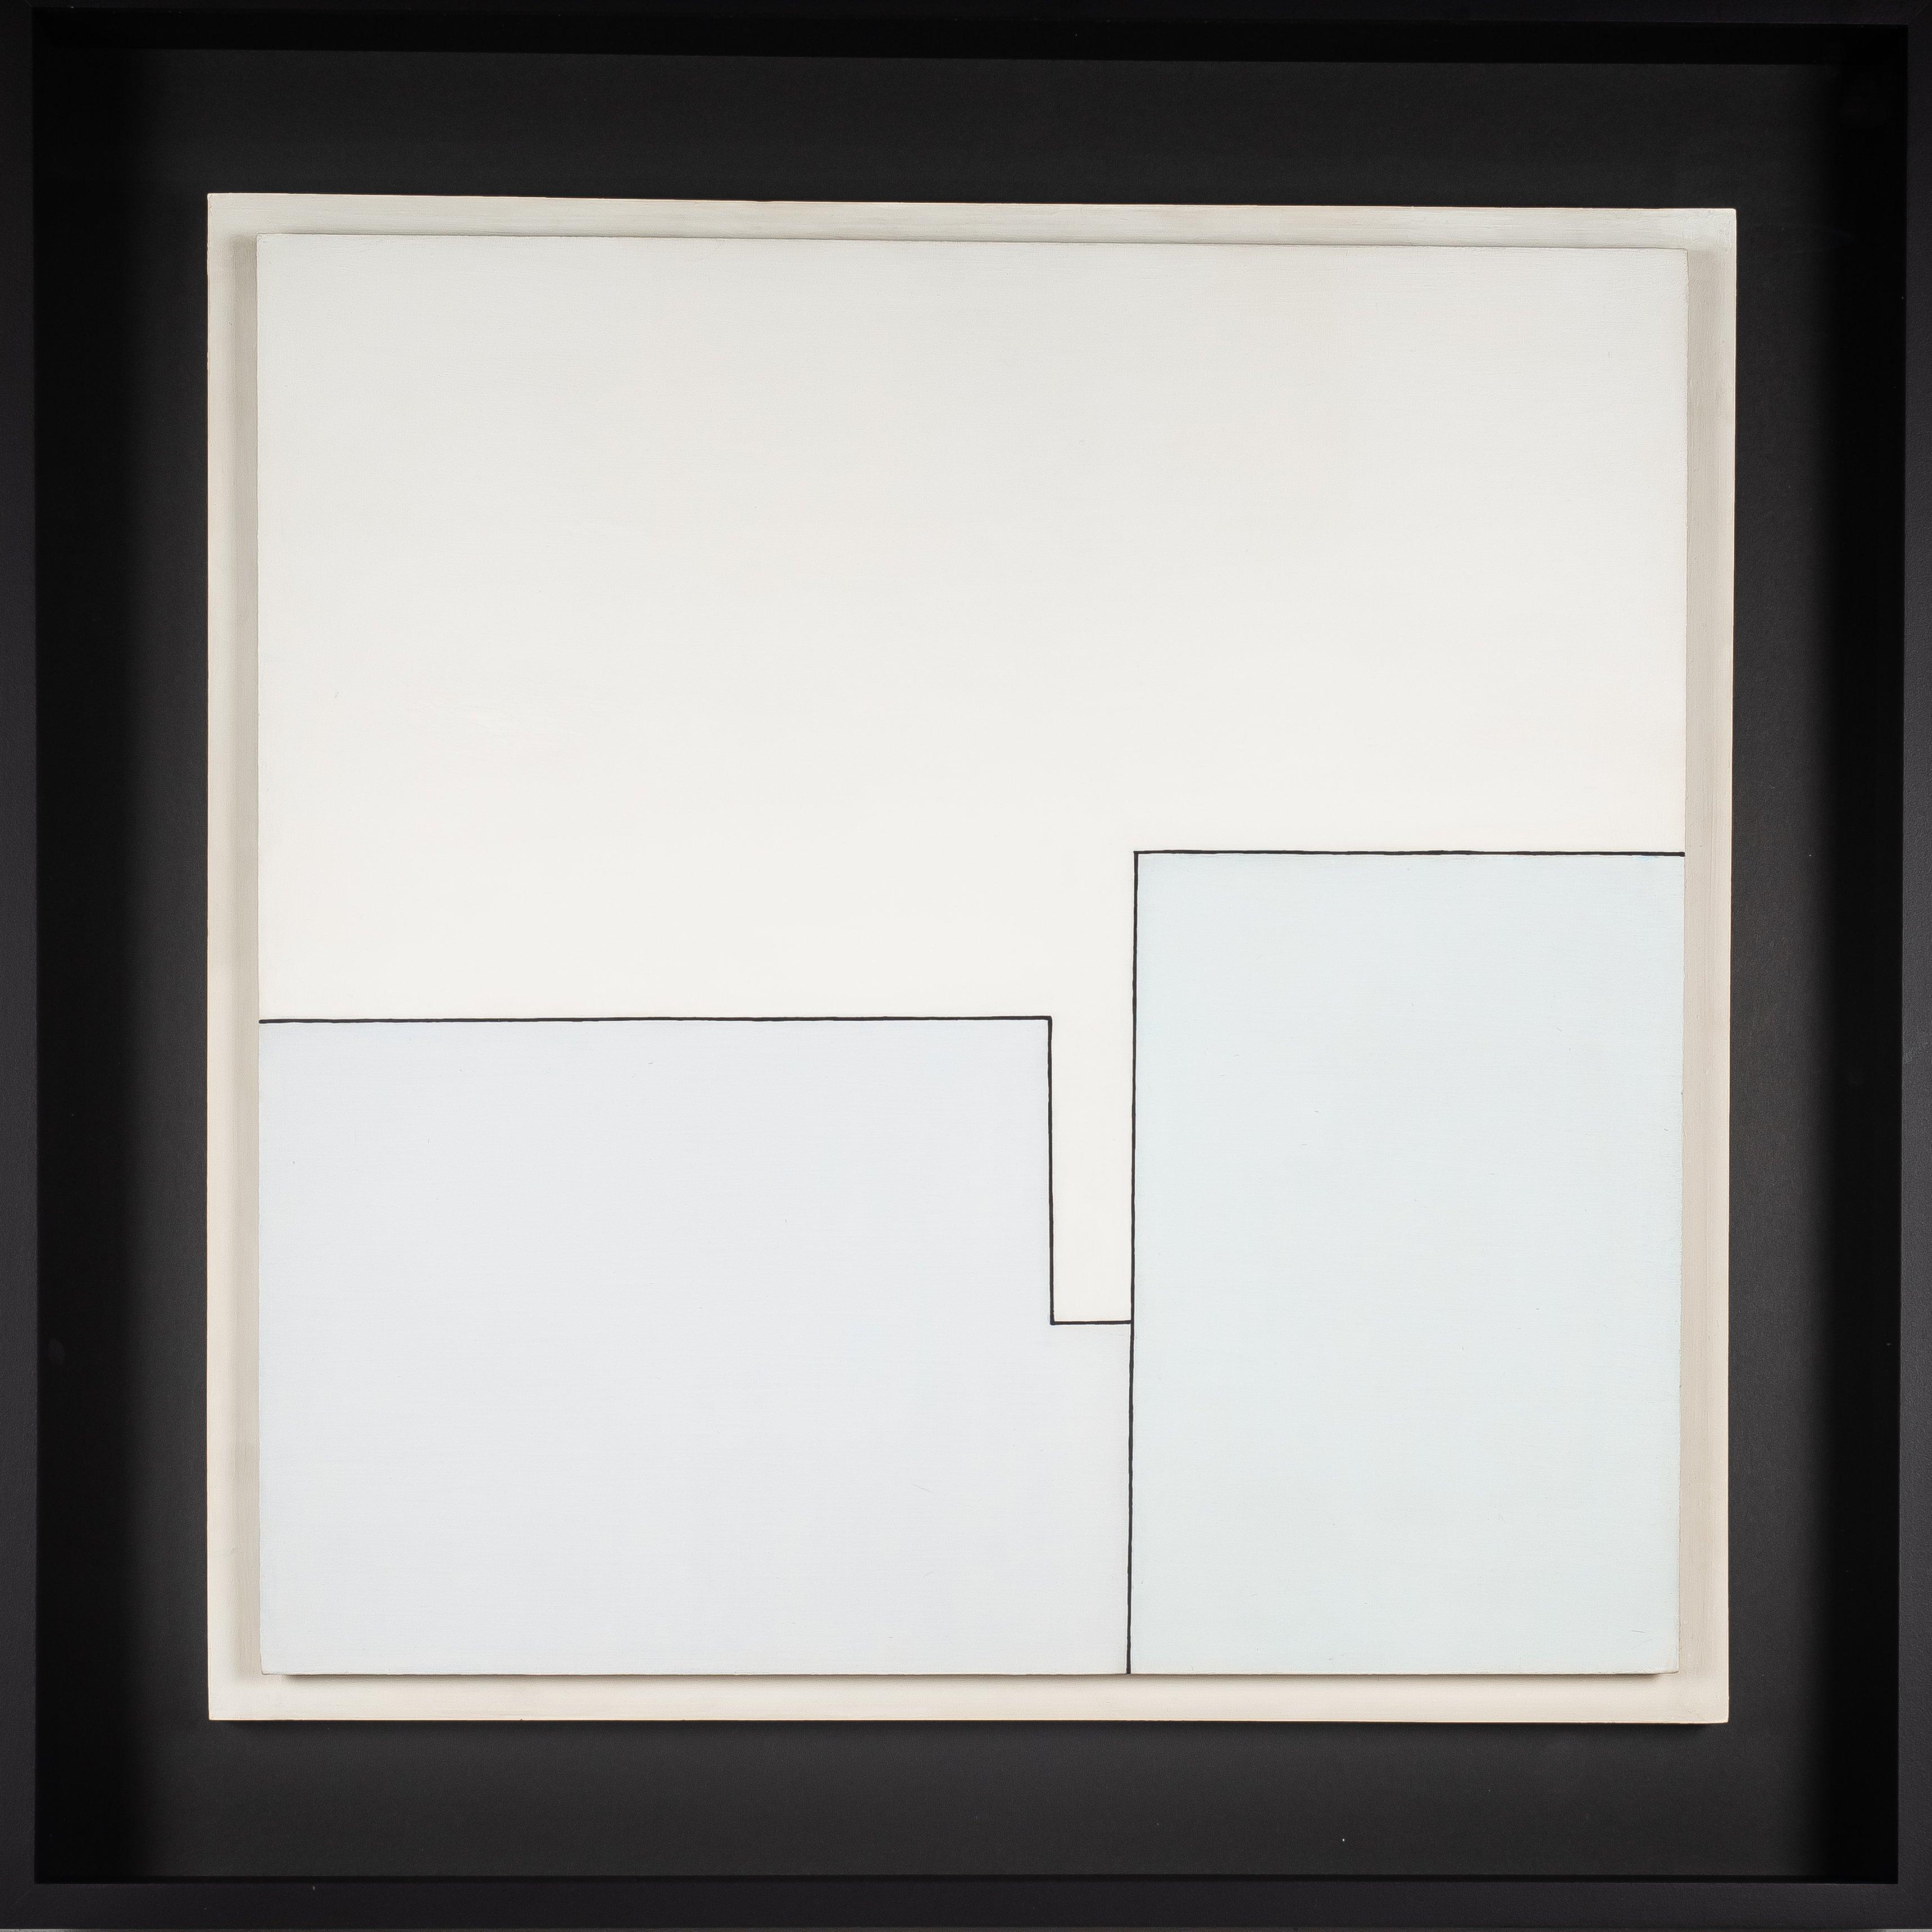 Henryk Stażewski | Kompozycja z czarnym konturem, 1983